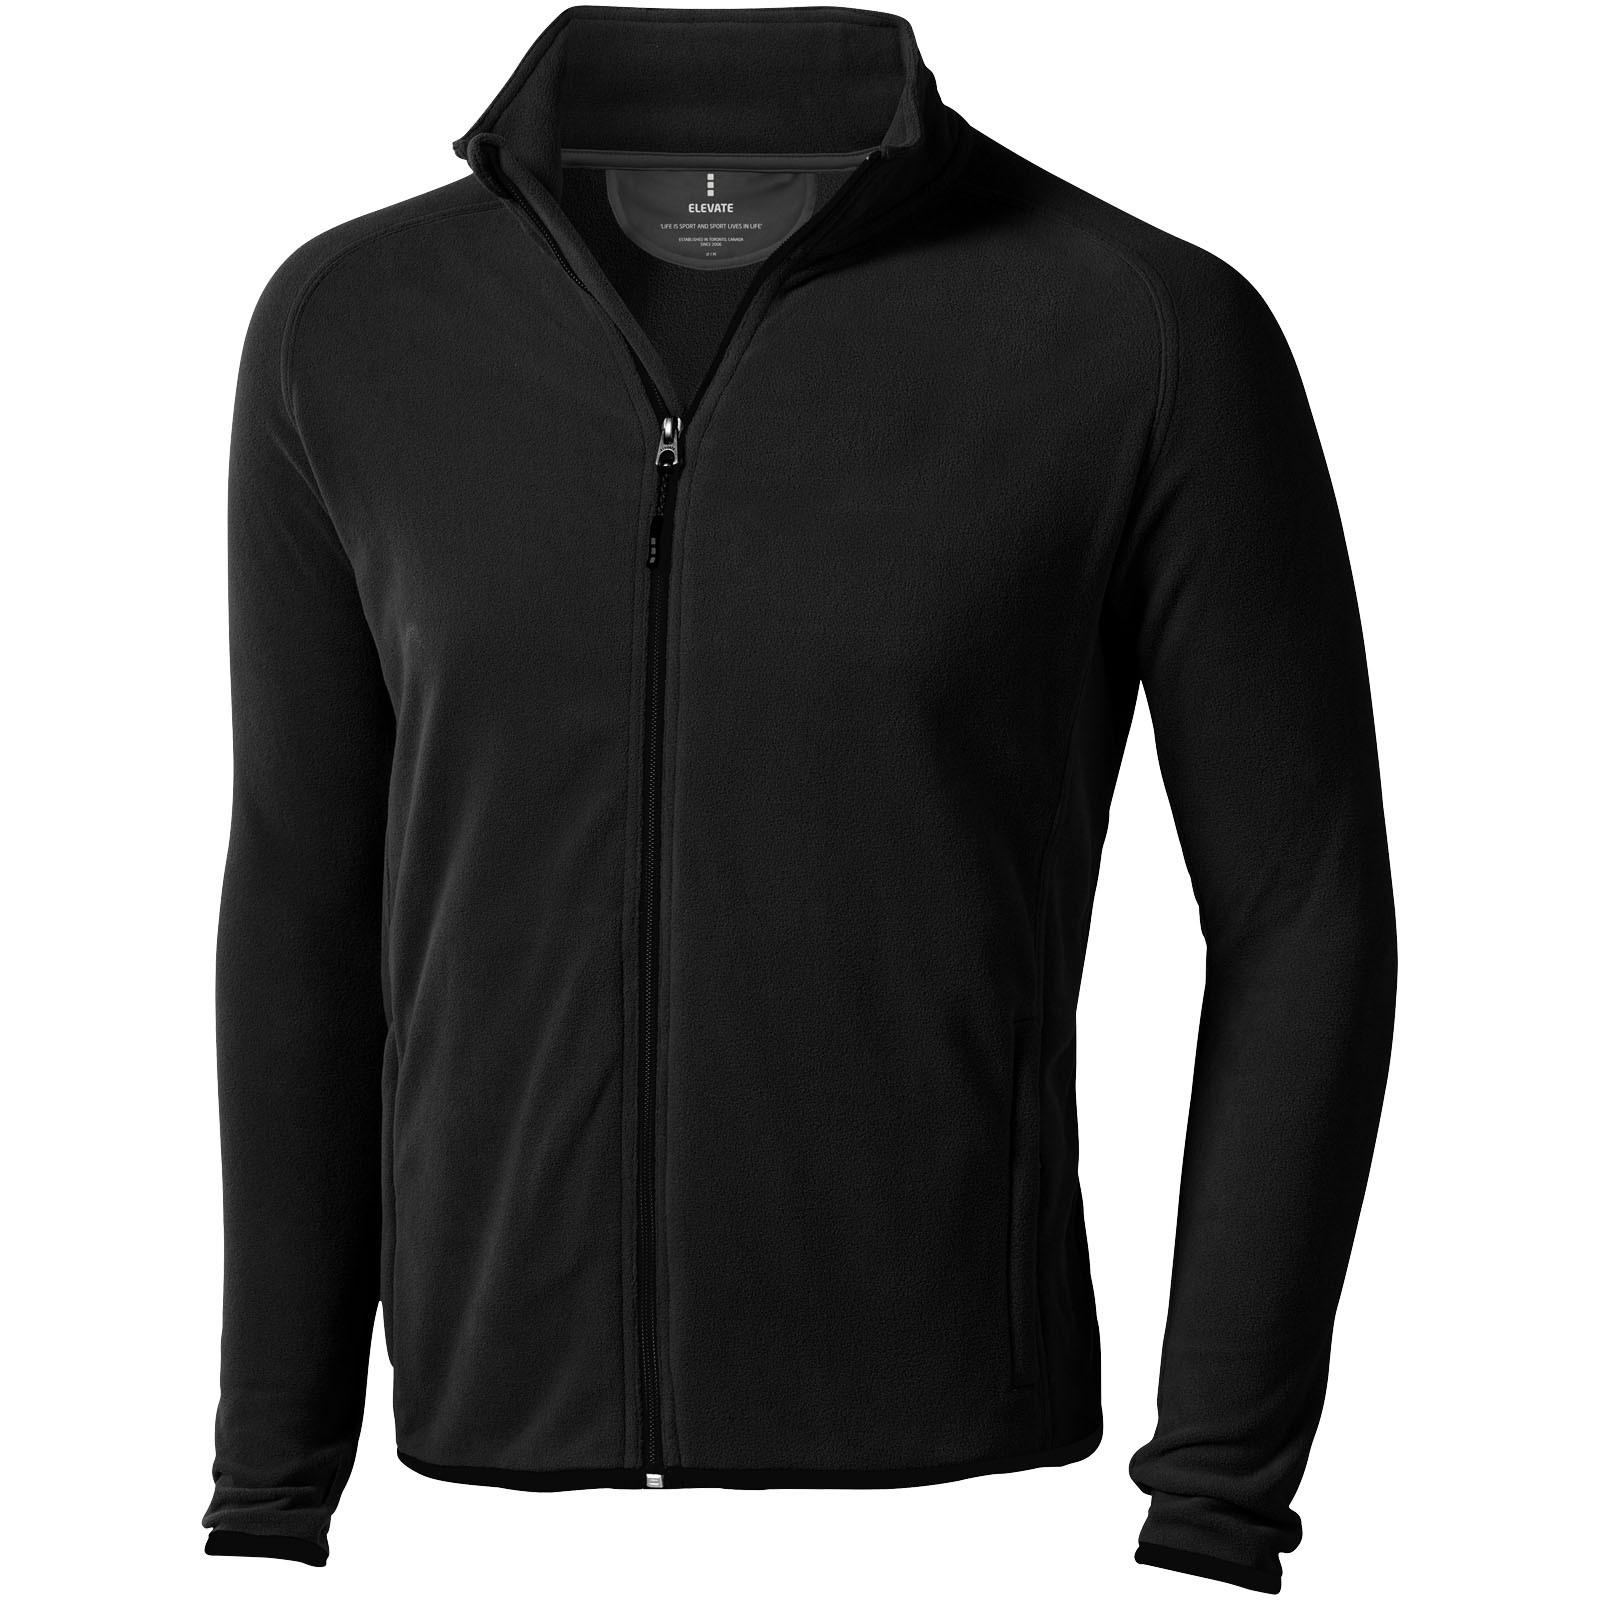 Brossard micro fleece full zip jacket - Solid Black / L